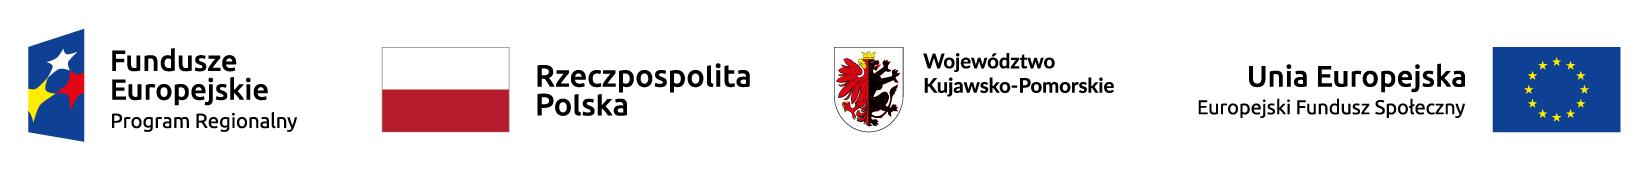 logotypy unijne EFS